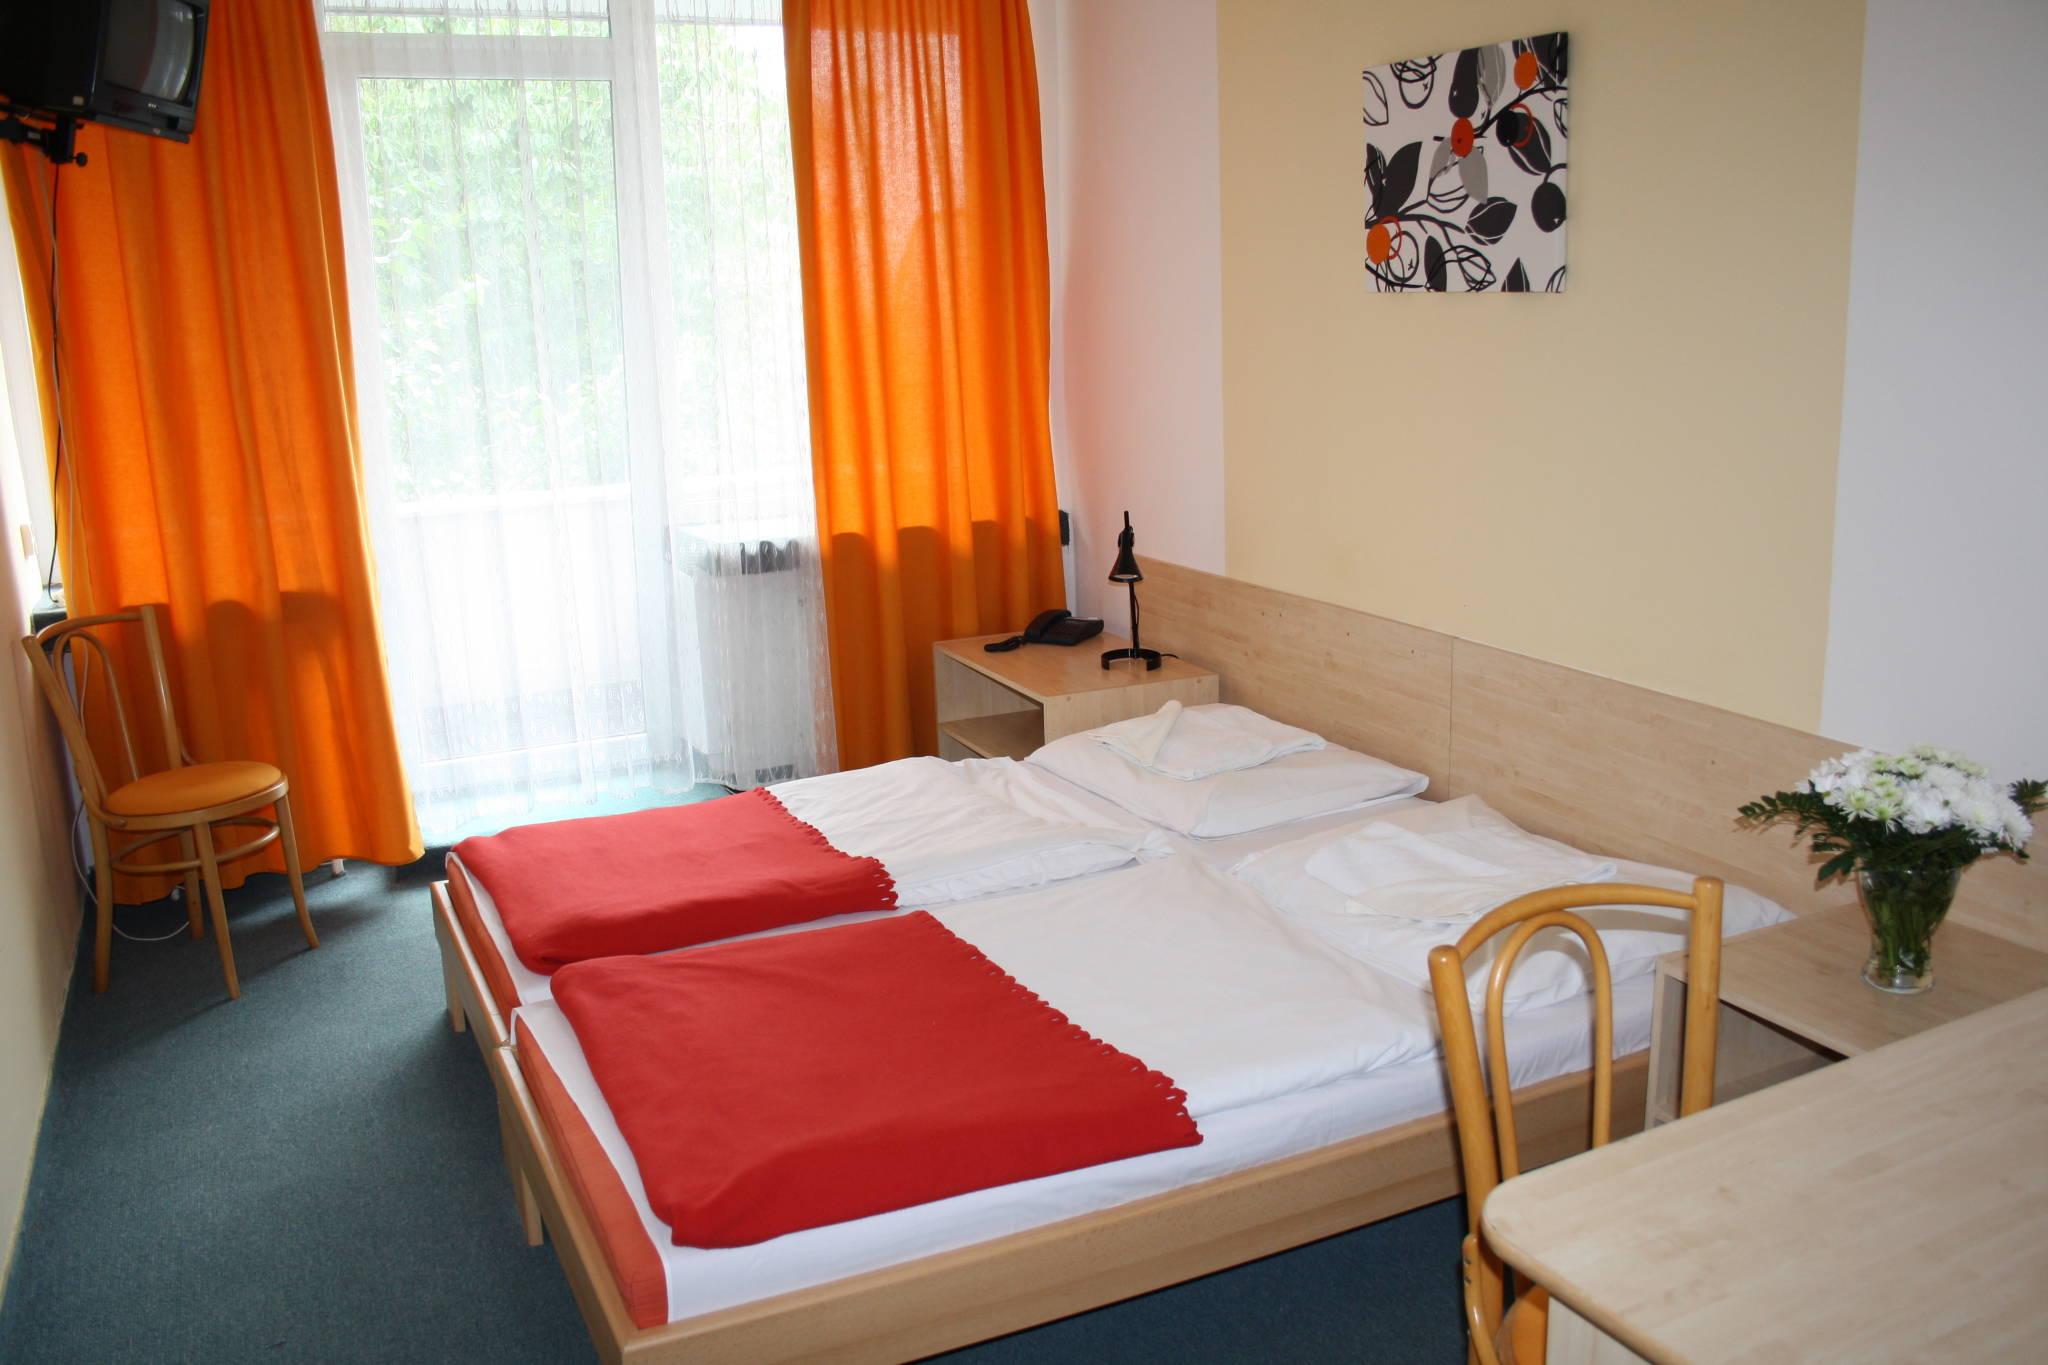 Březno.  Ačkoliv jsme s kolegyní měli objednané jednolůžkové pokoje, dostali jsme pokoje prostorné, rozhodně...